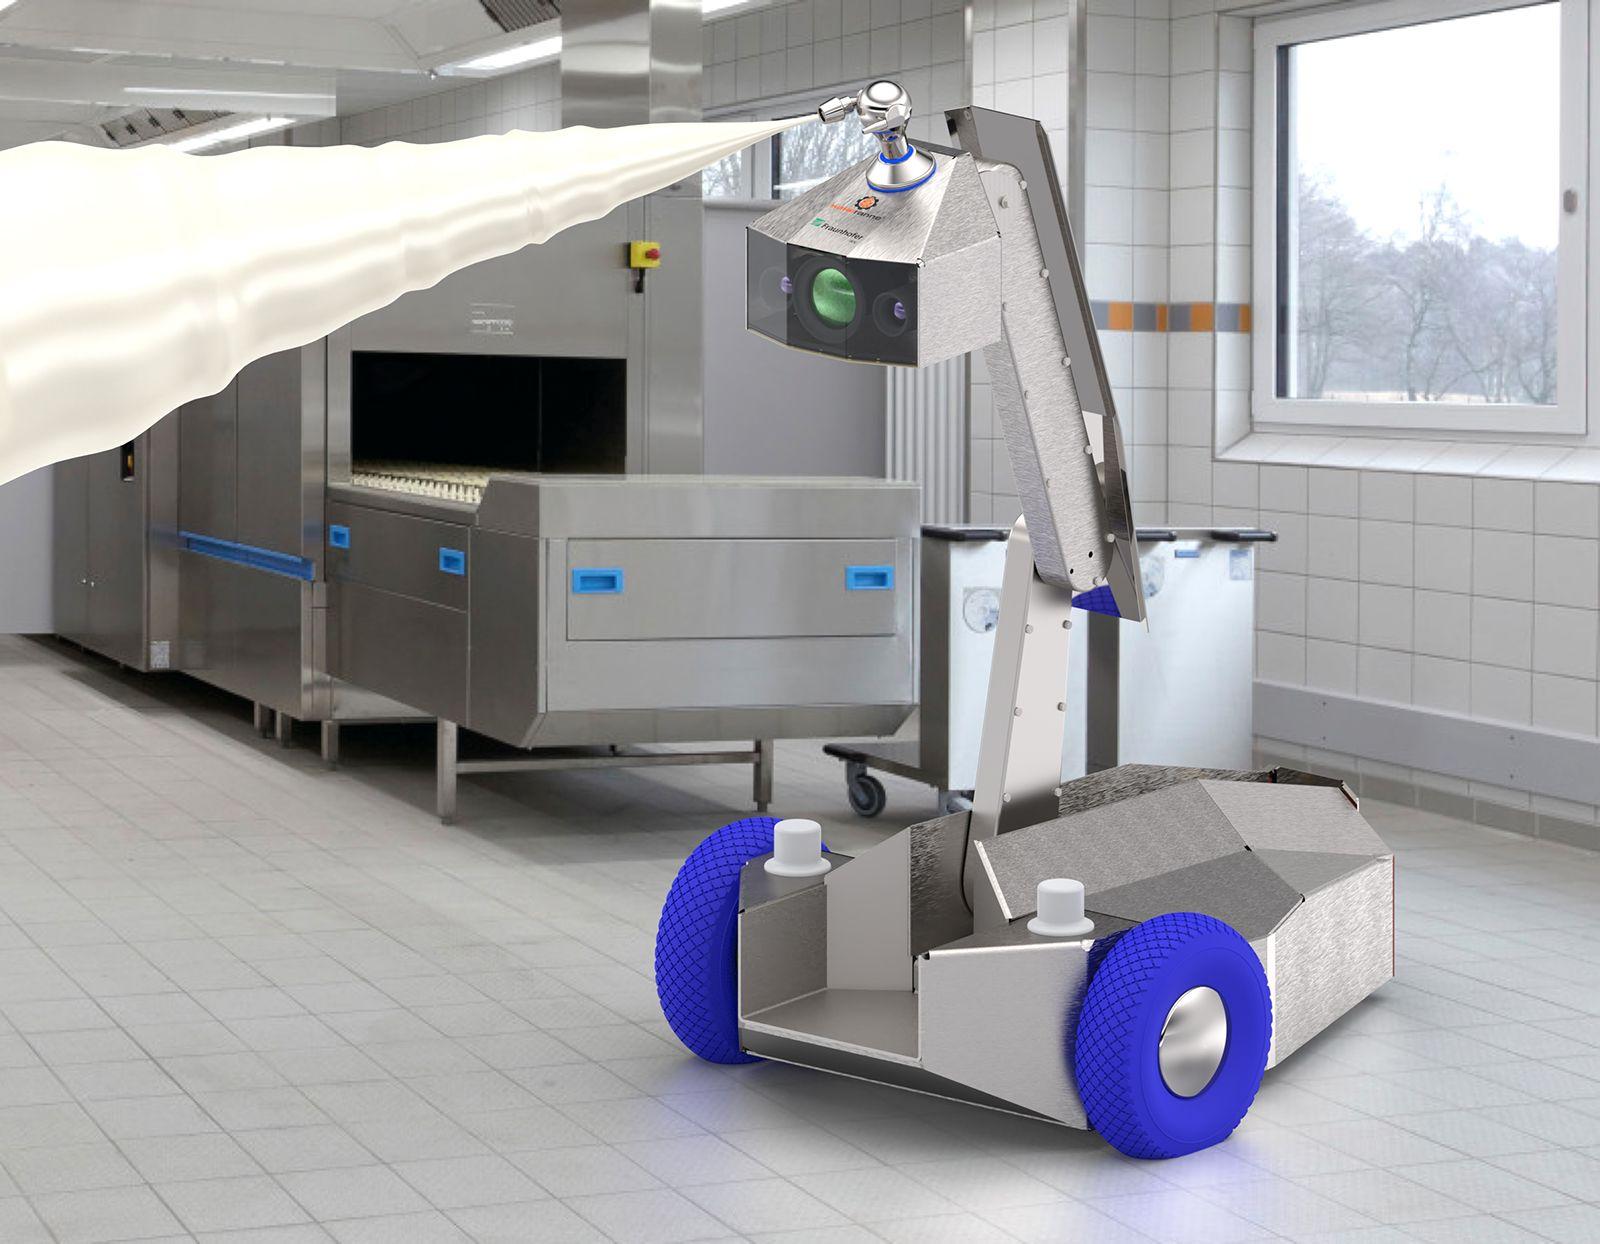 Der ausfahrbare Roboterarm des Mobile Cleaning Device 4.0 mit Zielstrahlreiniger erreicht auch höher gelegene Anlagenbereiche, Foto: Fraunhofer IVW